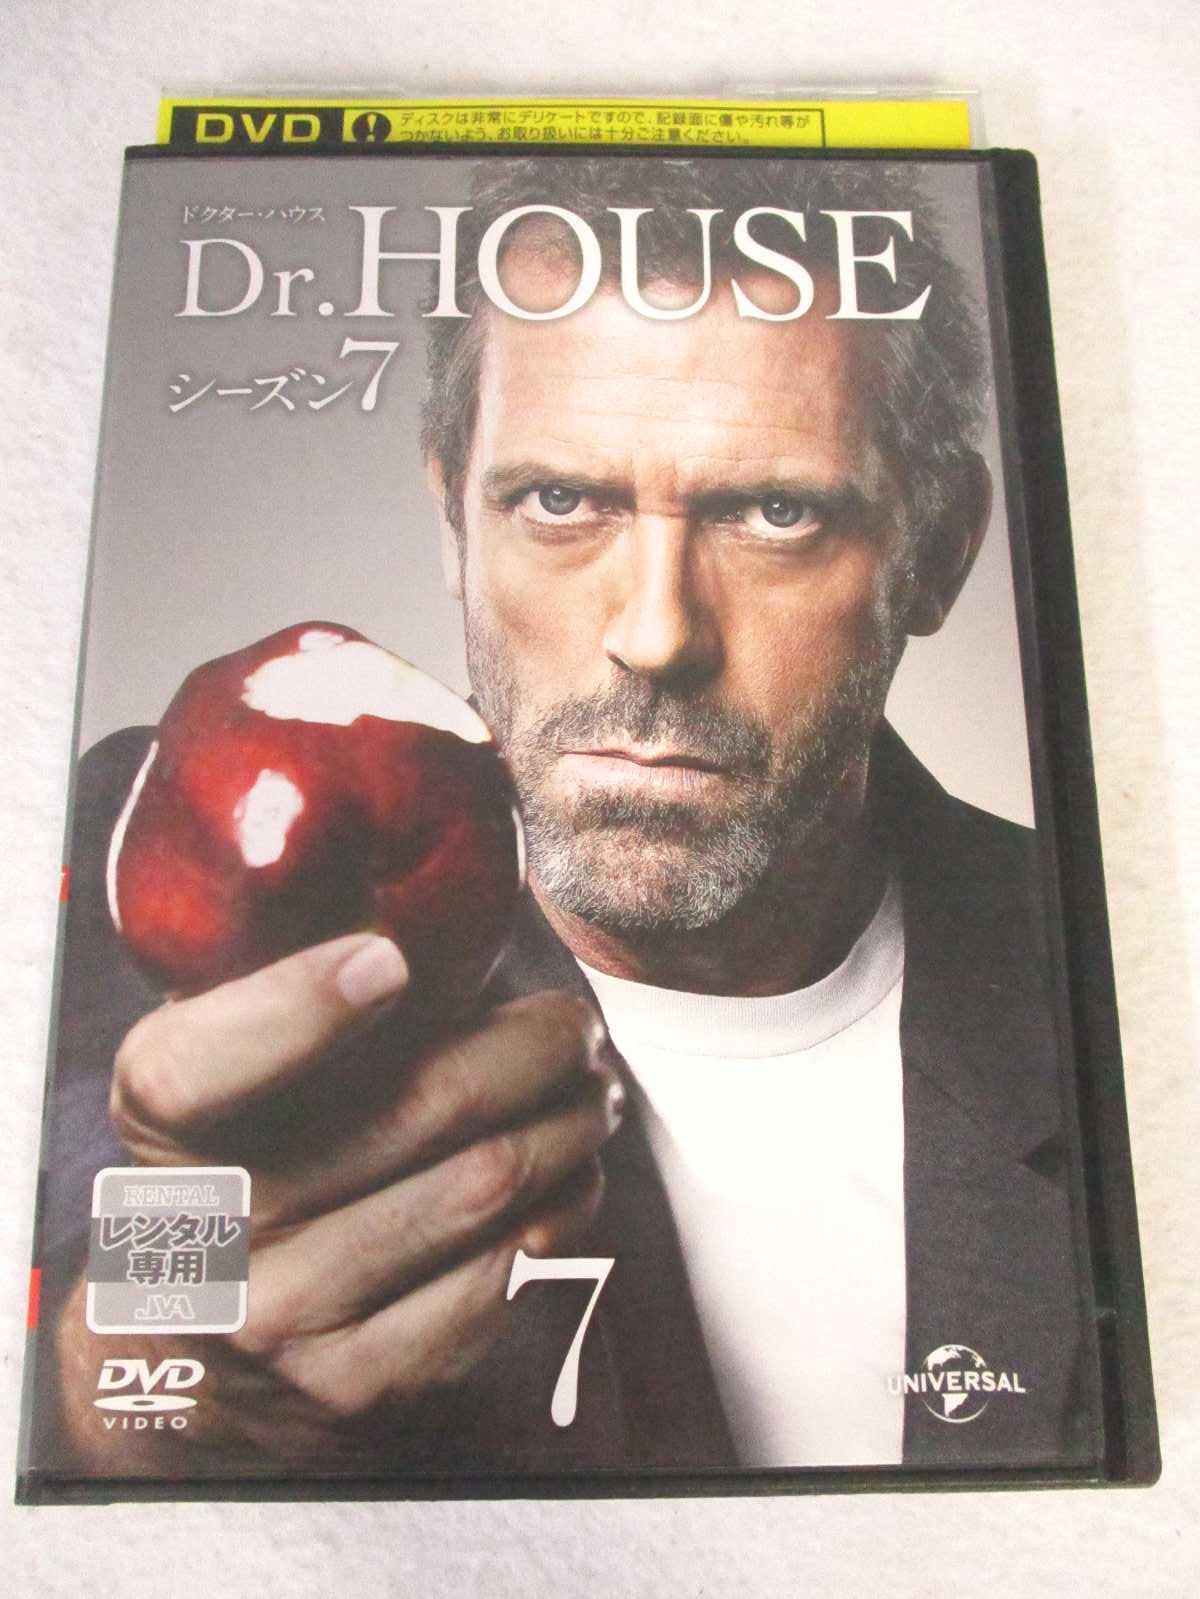 第13話 2つの寓話 第14話 不況の波 大人気 AD08116 中古 シーズン7 ドクター DISC7 DVD ハウス 激安格安割引情報満載